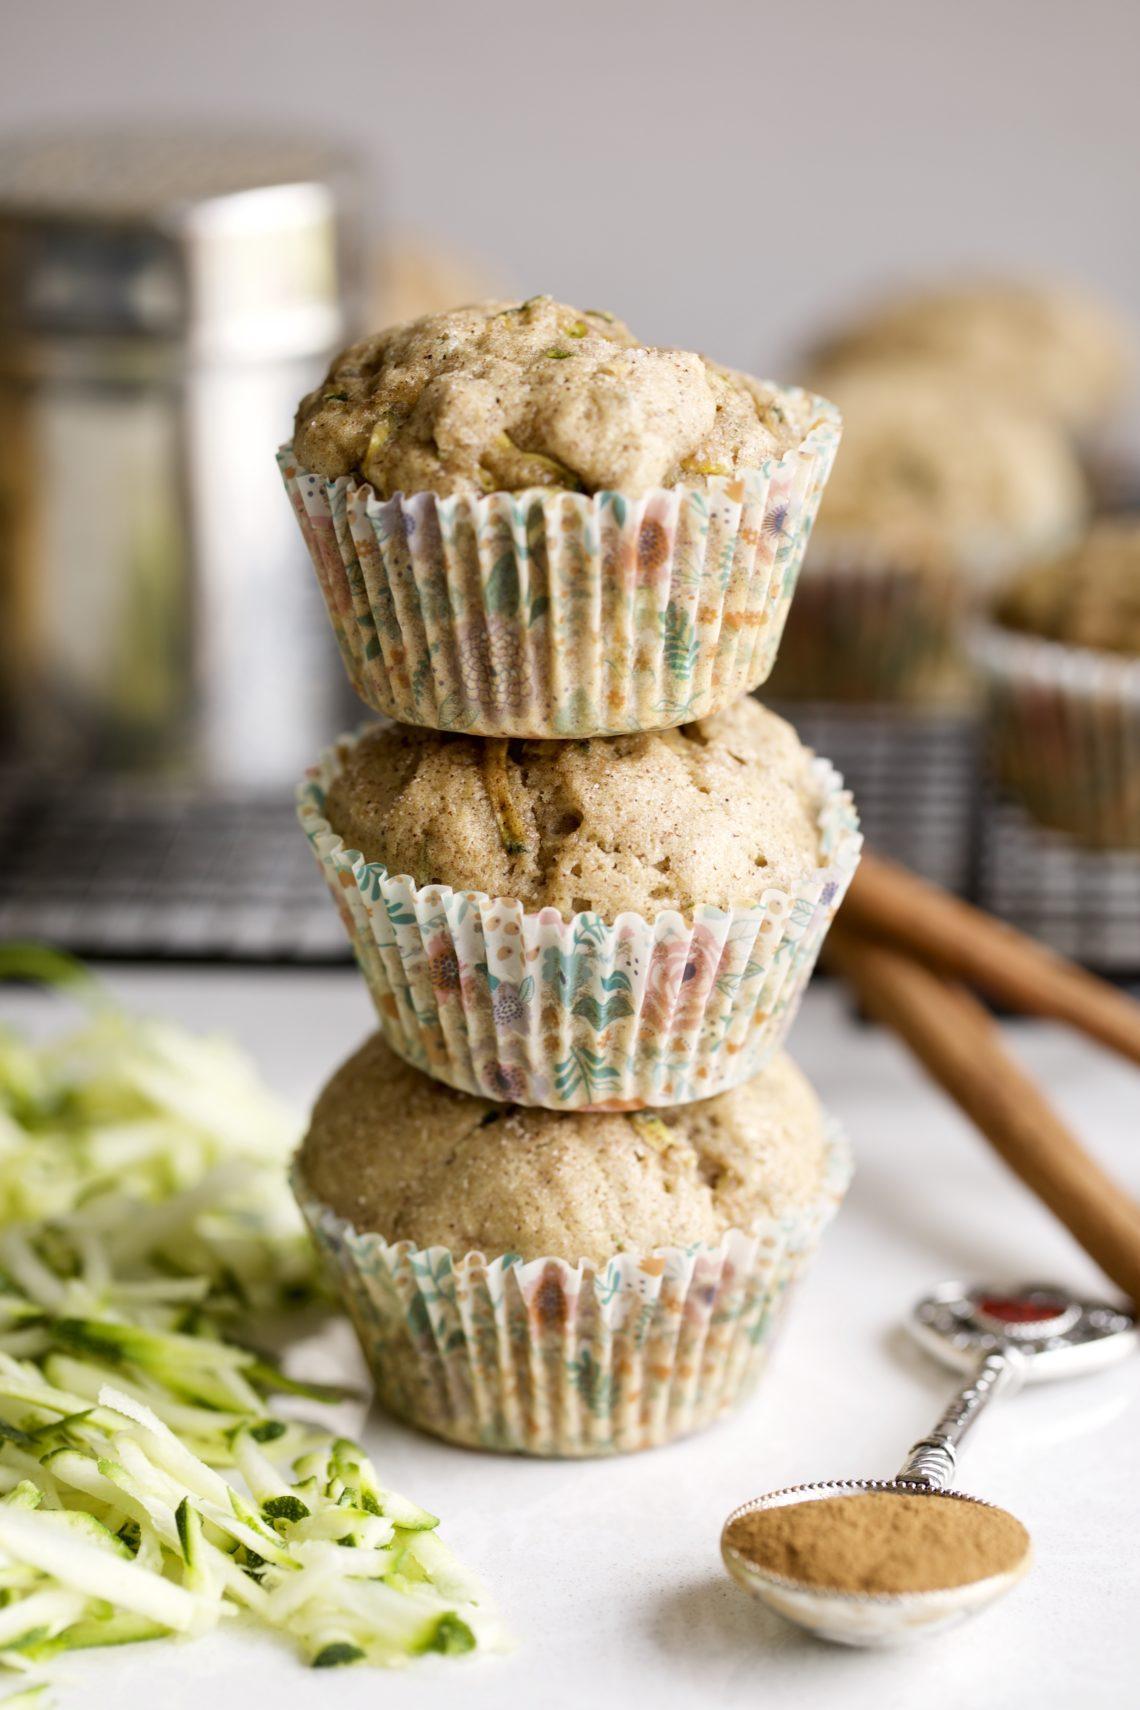 cinnamon zucchini muffins stacked